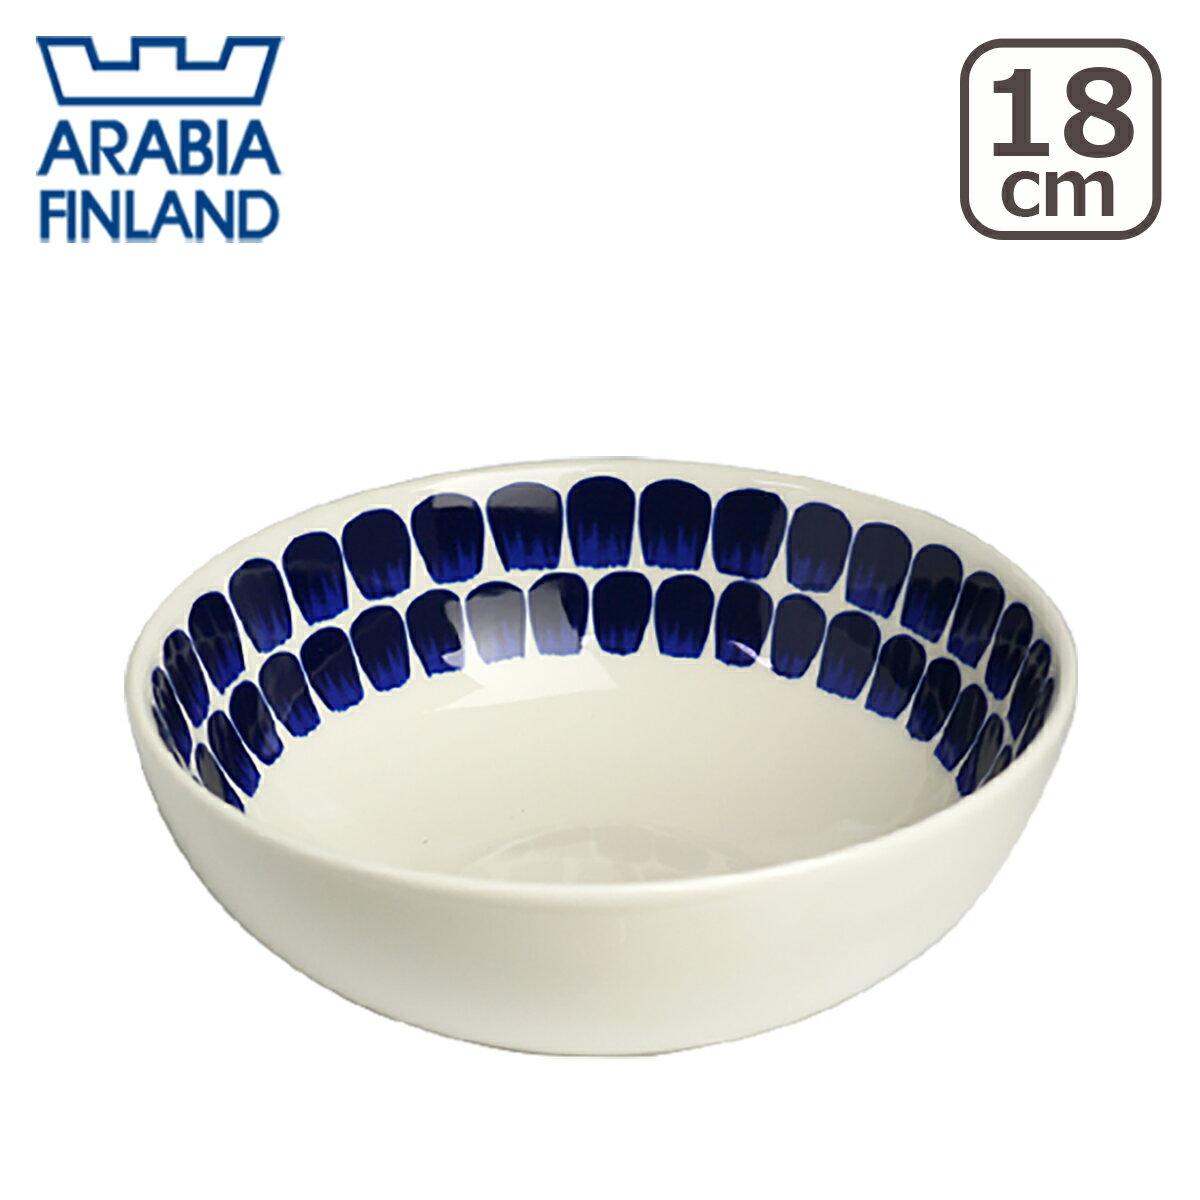 アラビア(Arabia) 24h トゥオキオ (TUOKIO) ボウル 18cm コバルトブルー 北欧 フィンランド 食器